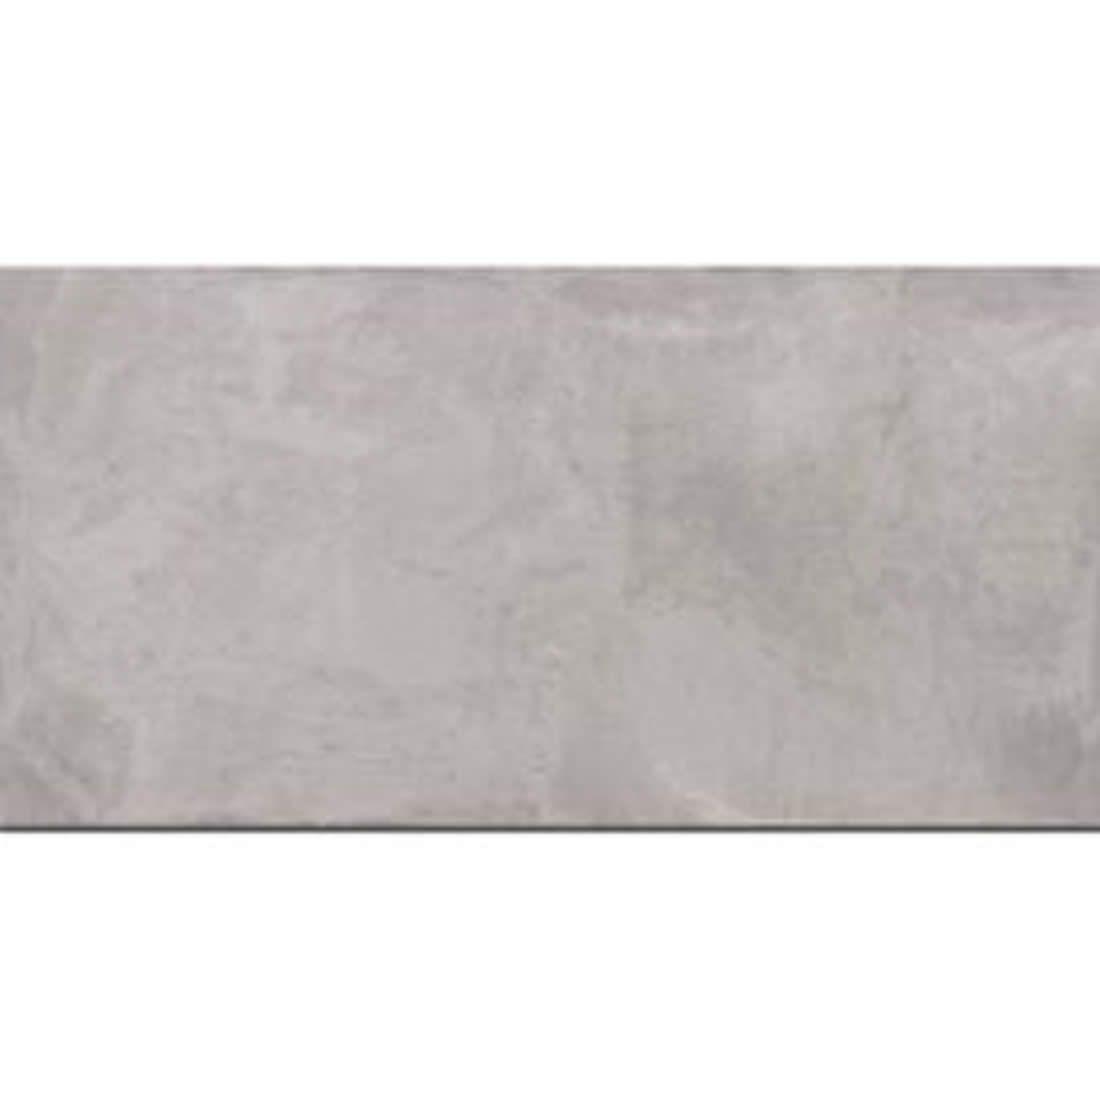 Porcelanato Embramaco 62 x 120 Soho Gris Acetinado Ref: 60501